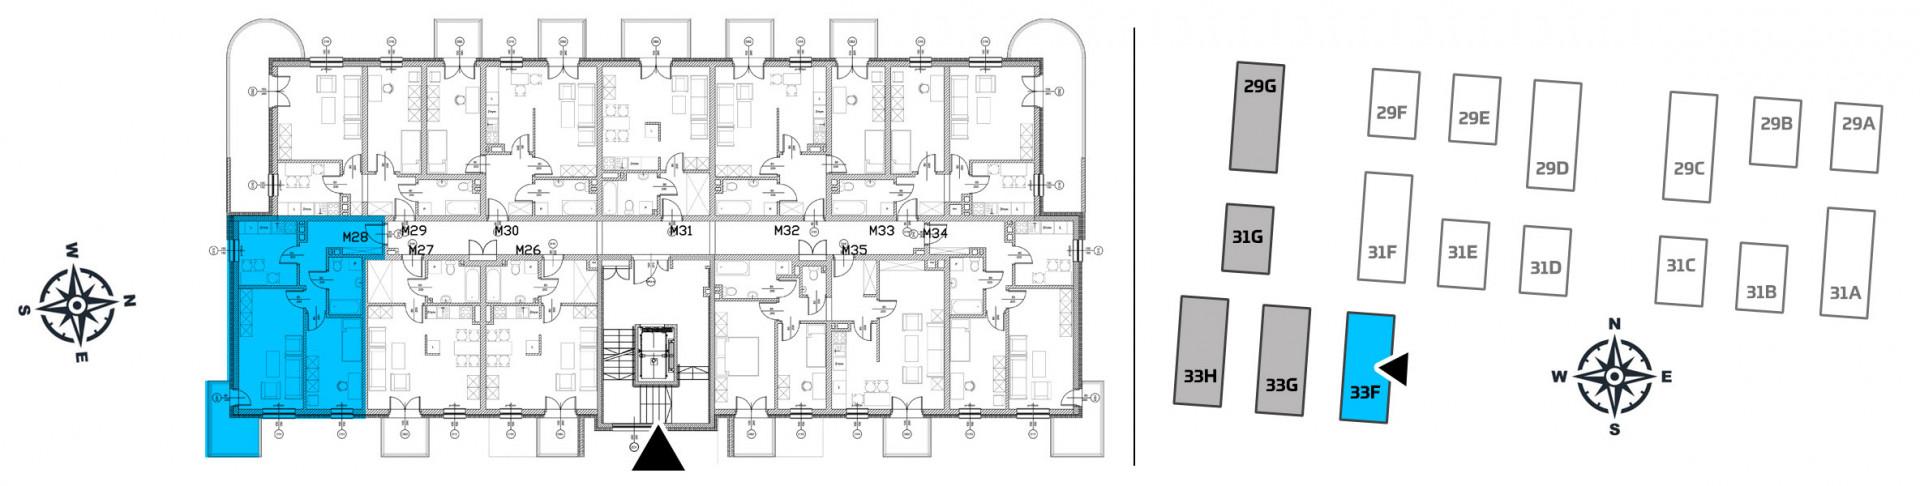 Mieszkanie dwupokojowe 33F/28 rzut 2